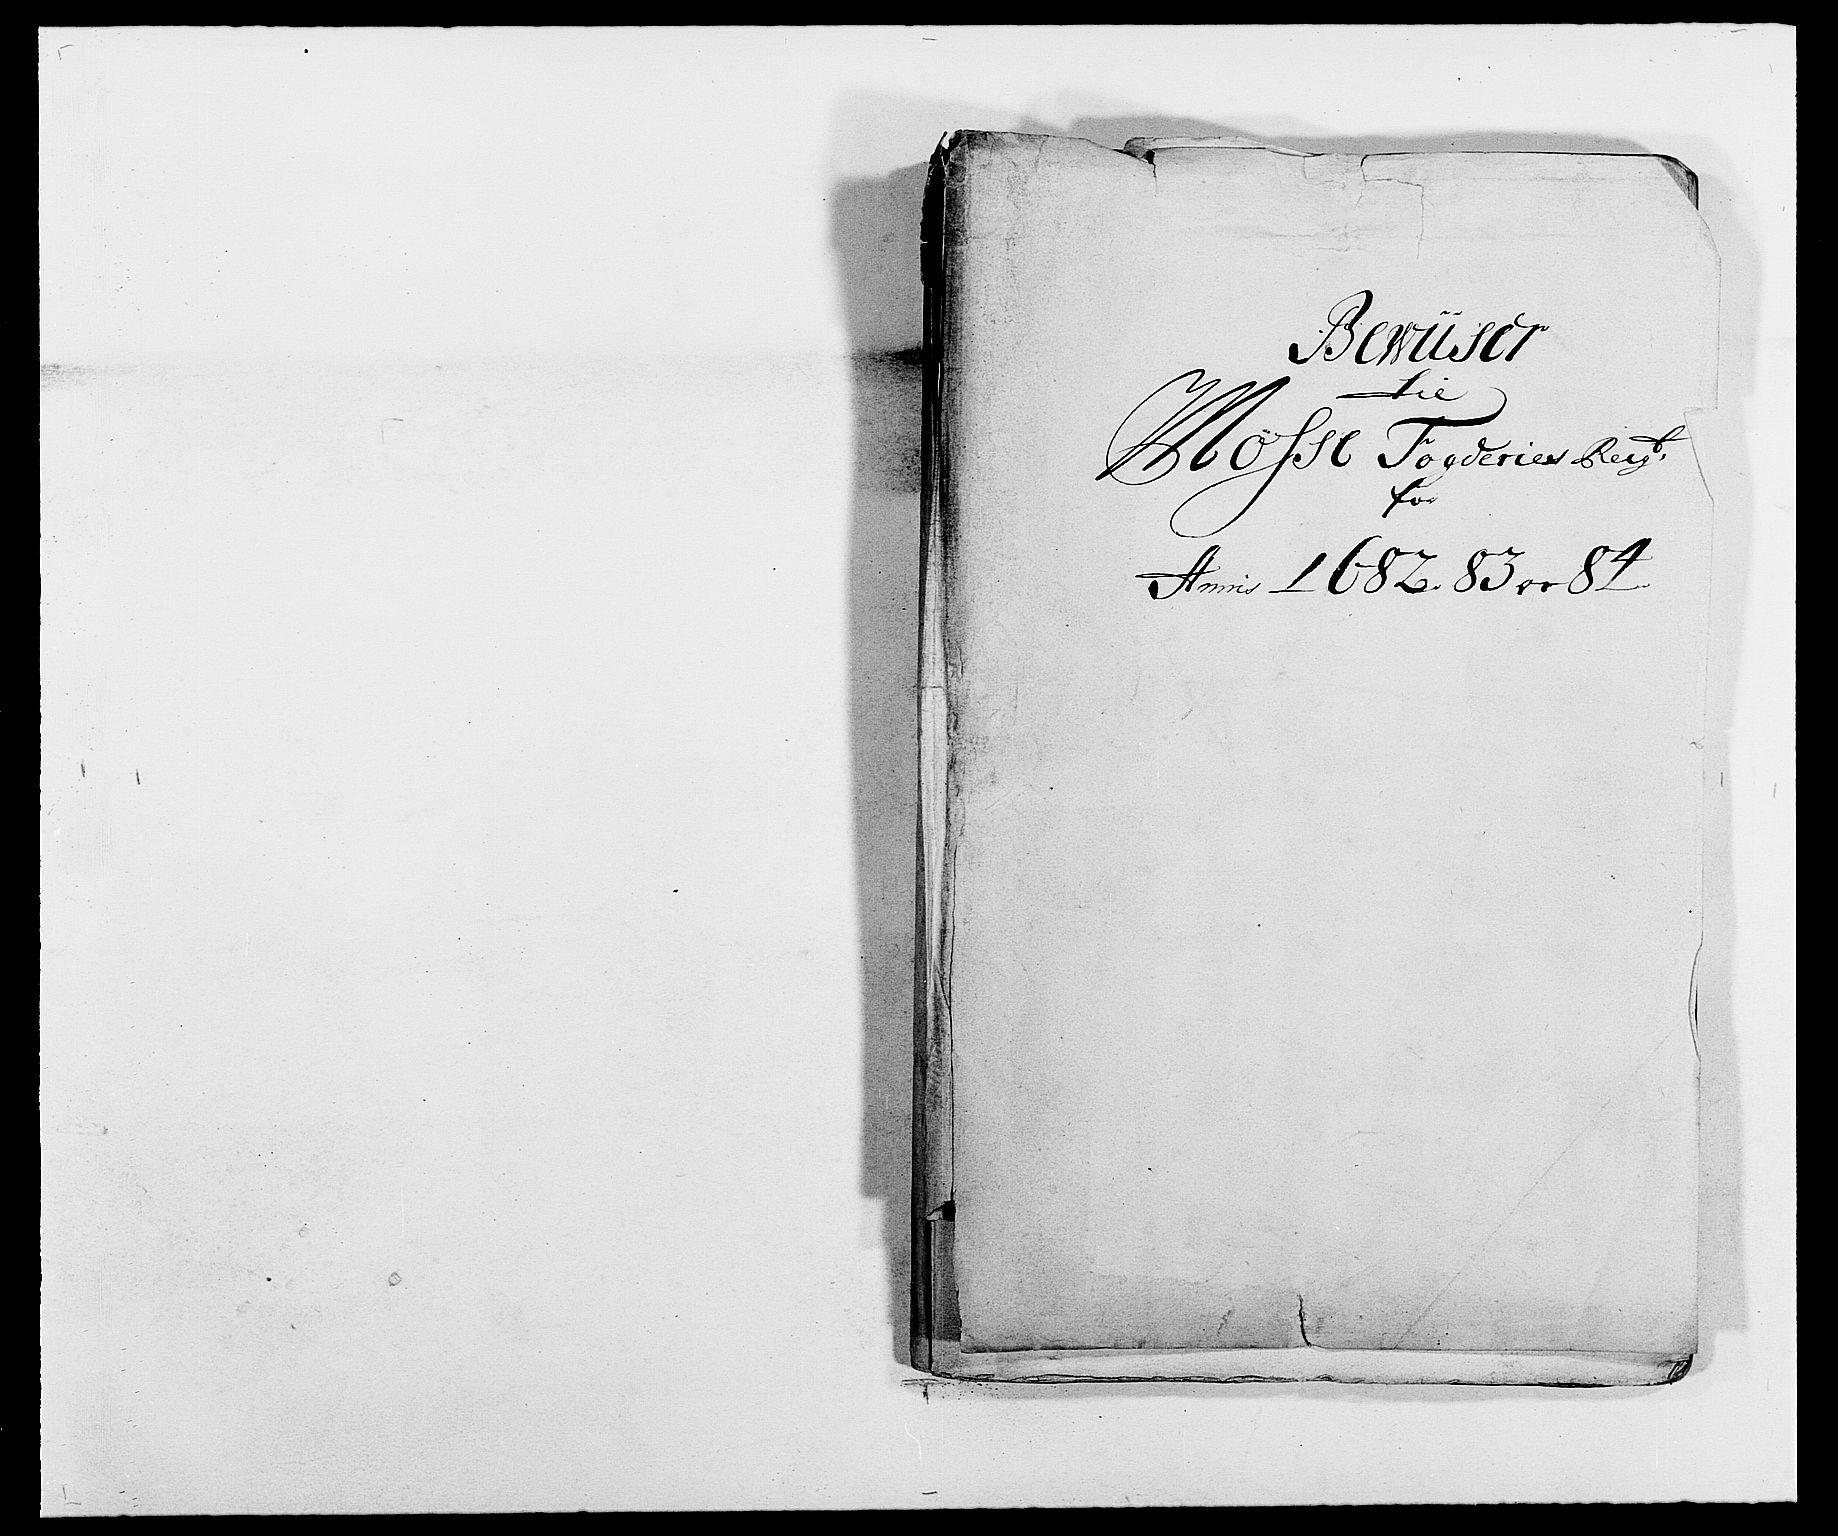 RA, Rentekammeret inntil 1814, Reviderte regnskaper, Fogderegnskap, R02/L0104: Fogderegnskap Moss og Verne kloster, 1682-1684, s. 24